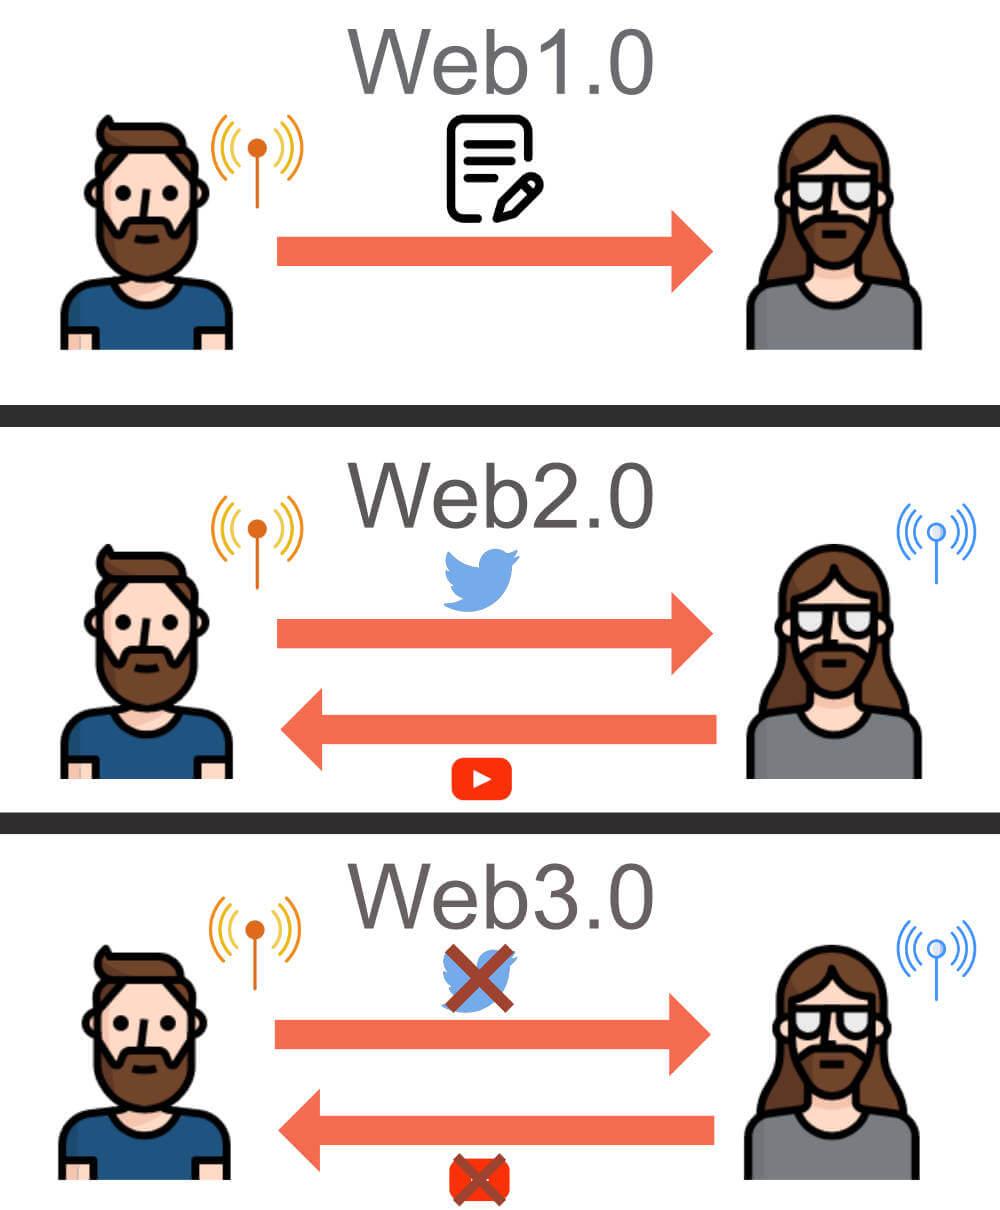 Web1.0とWeb2.0、Web3.0とは何が違うのか1